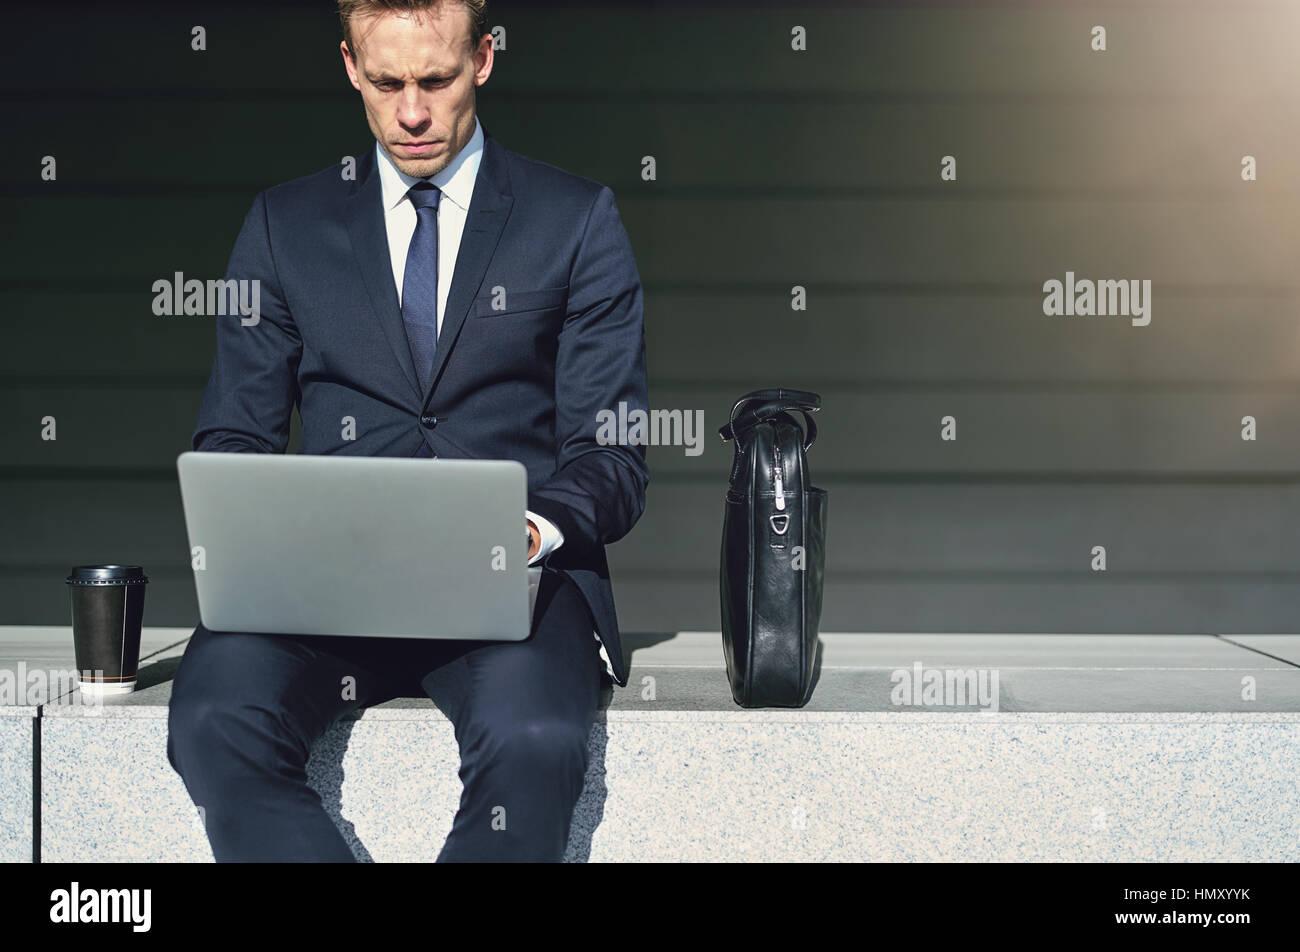 Elegante uomo d affari mentre il lavoro sul suo notebook Immagini Stock